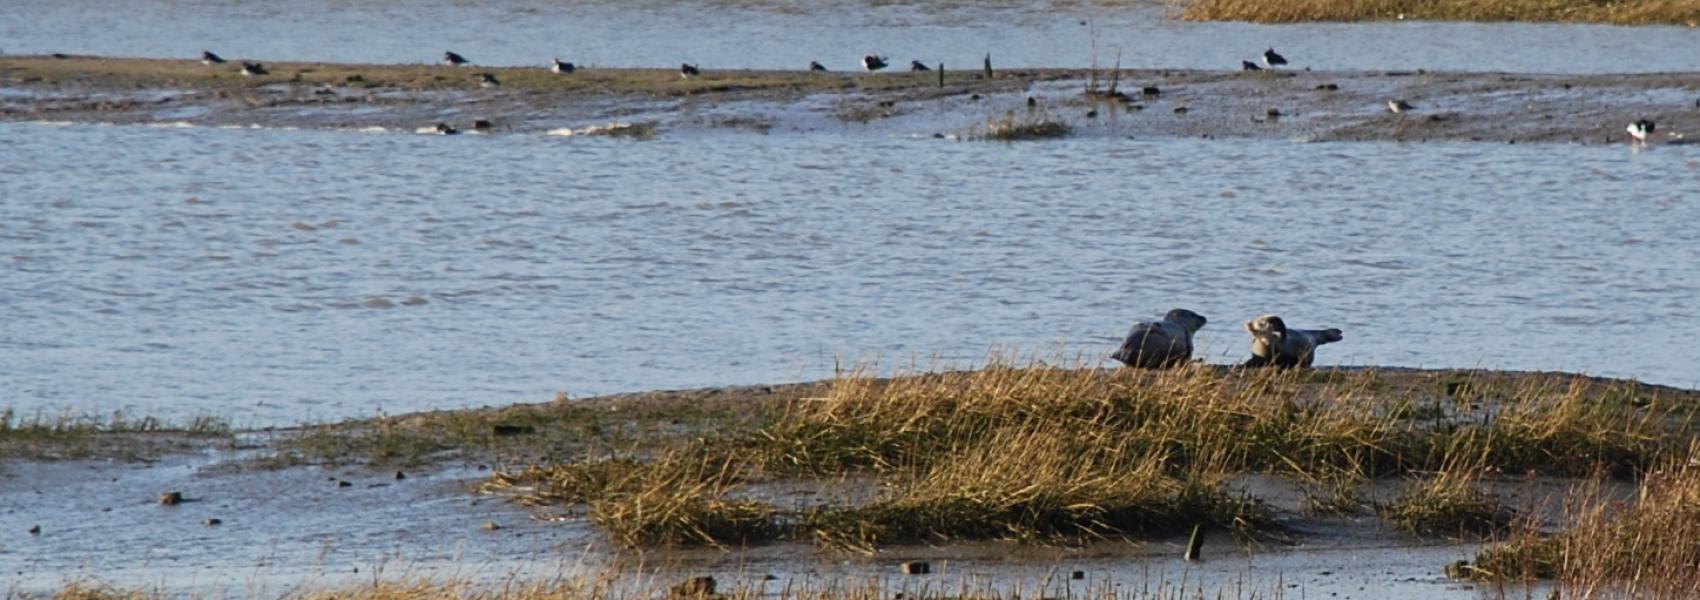 zeehondjes bij het water